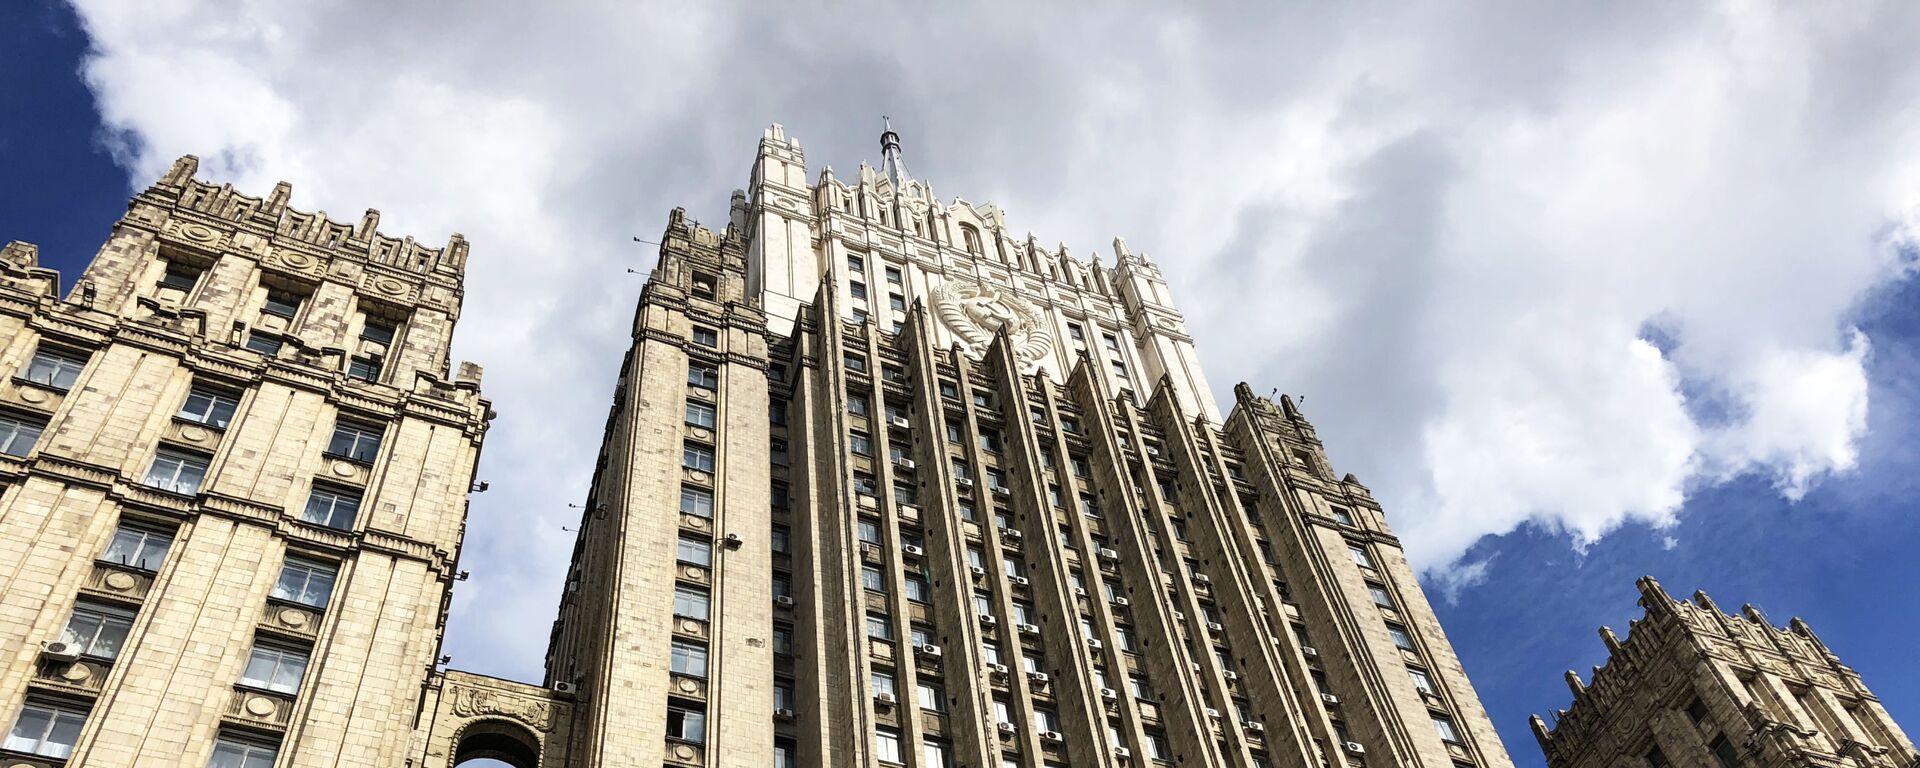 Il ministero degli Affari esteri della Federazione Russa - Sputnik Italia, 1920, 24.06.2021